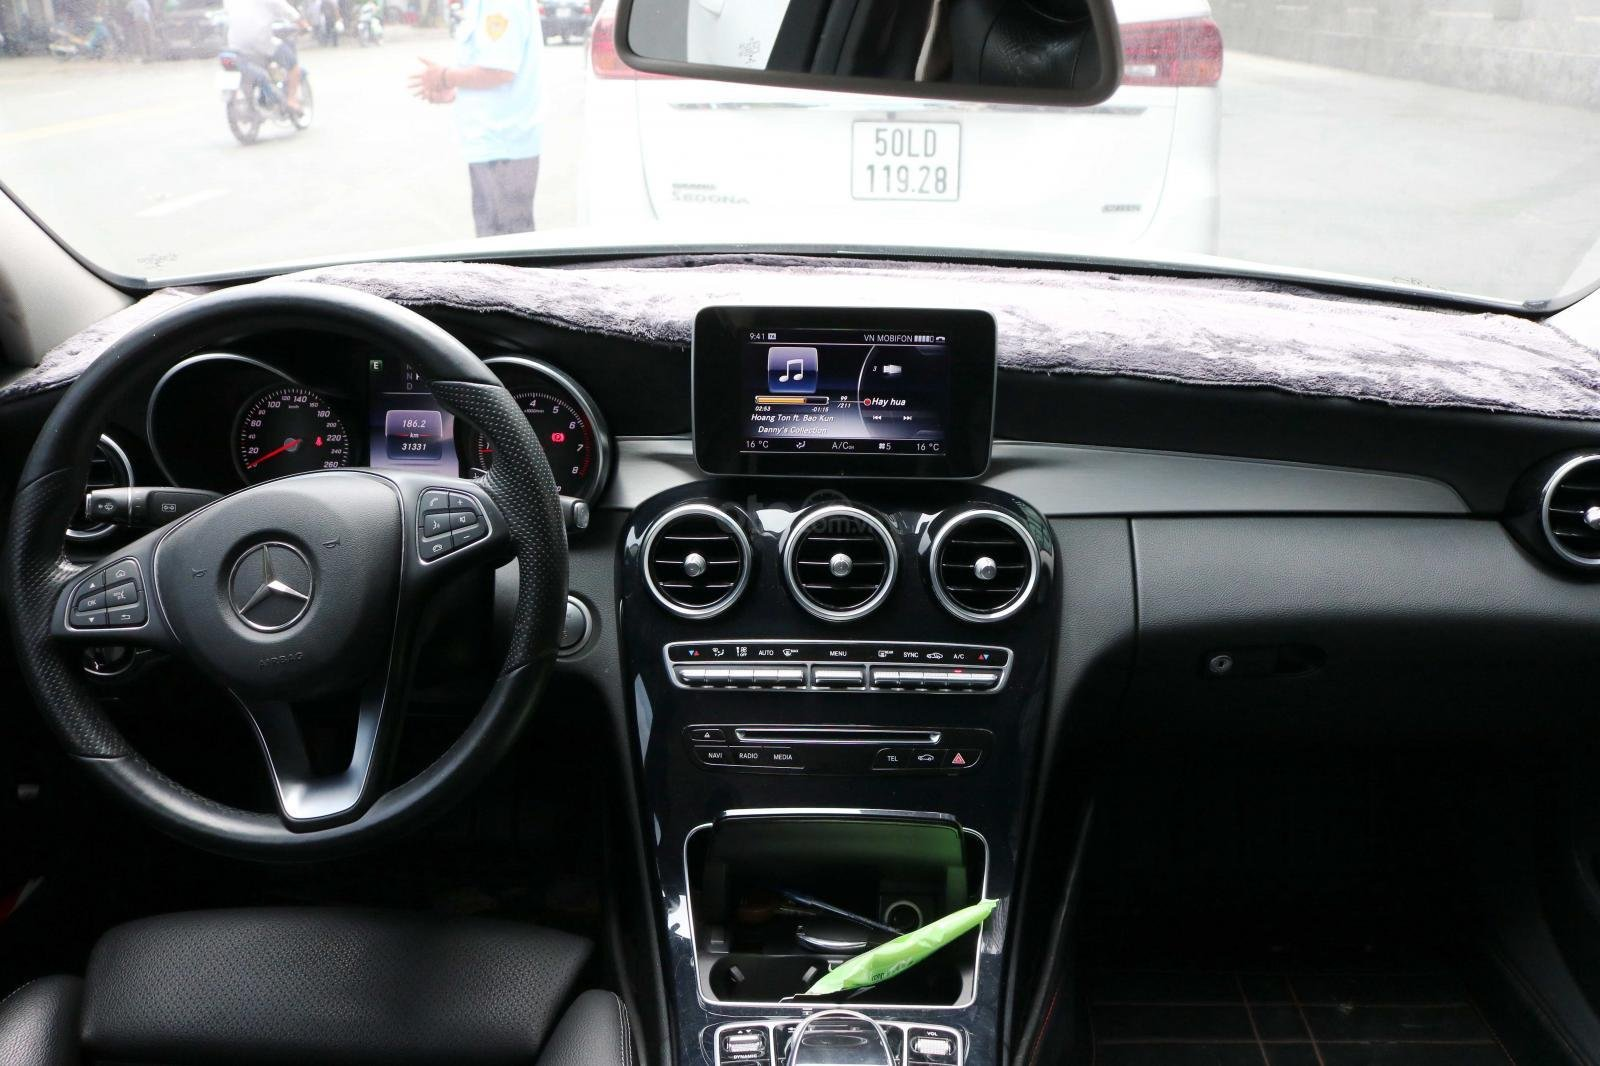 Bán xe Mercedes C200 model 2016, đi 30000km, xe chính chủ-8